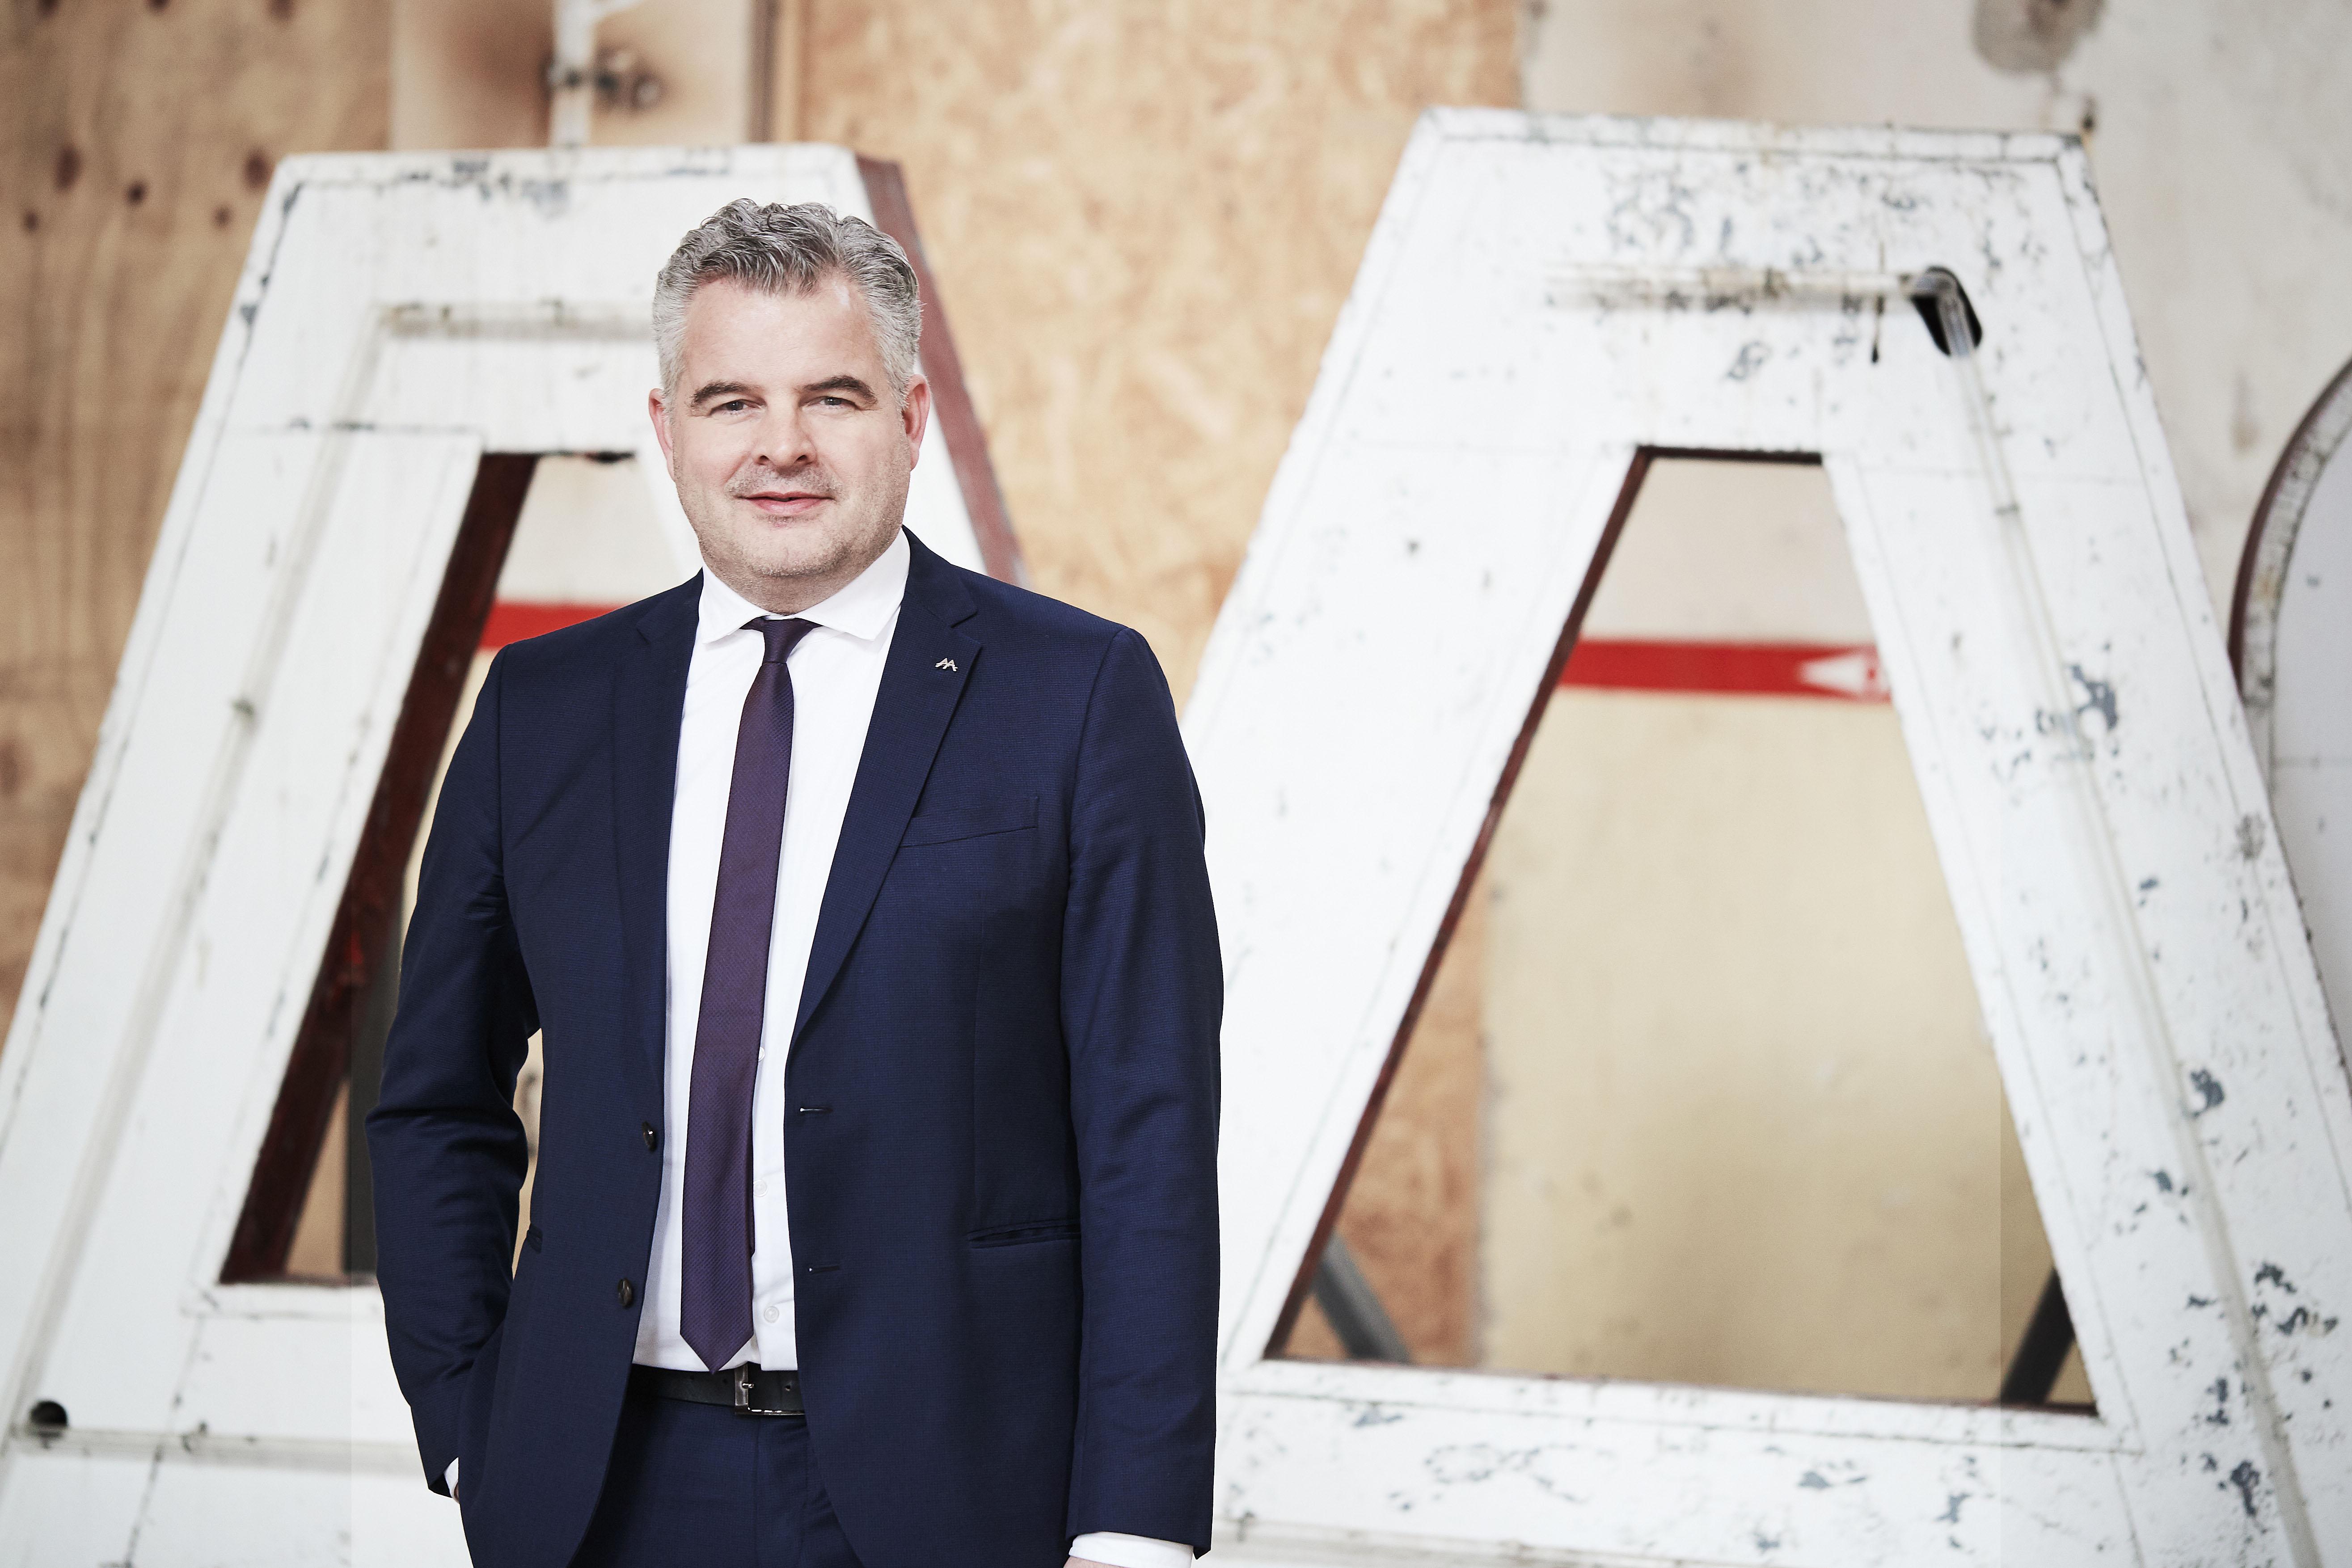 Tonny Skovsted Thorup (PR-foto)